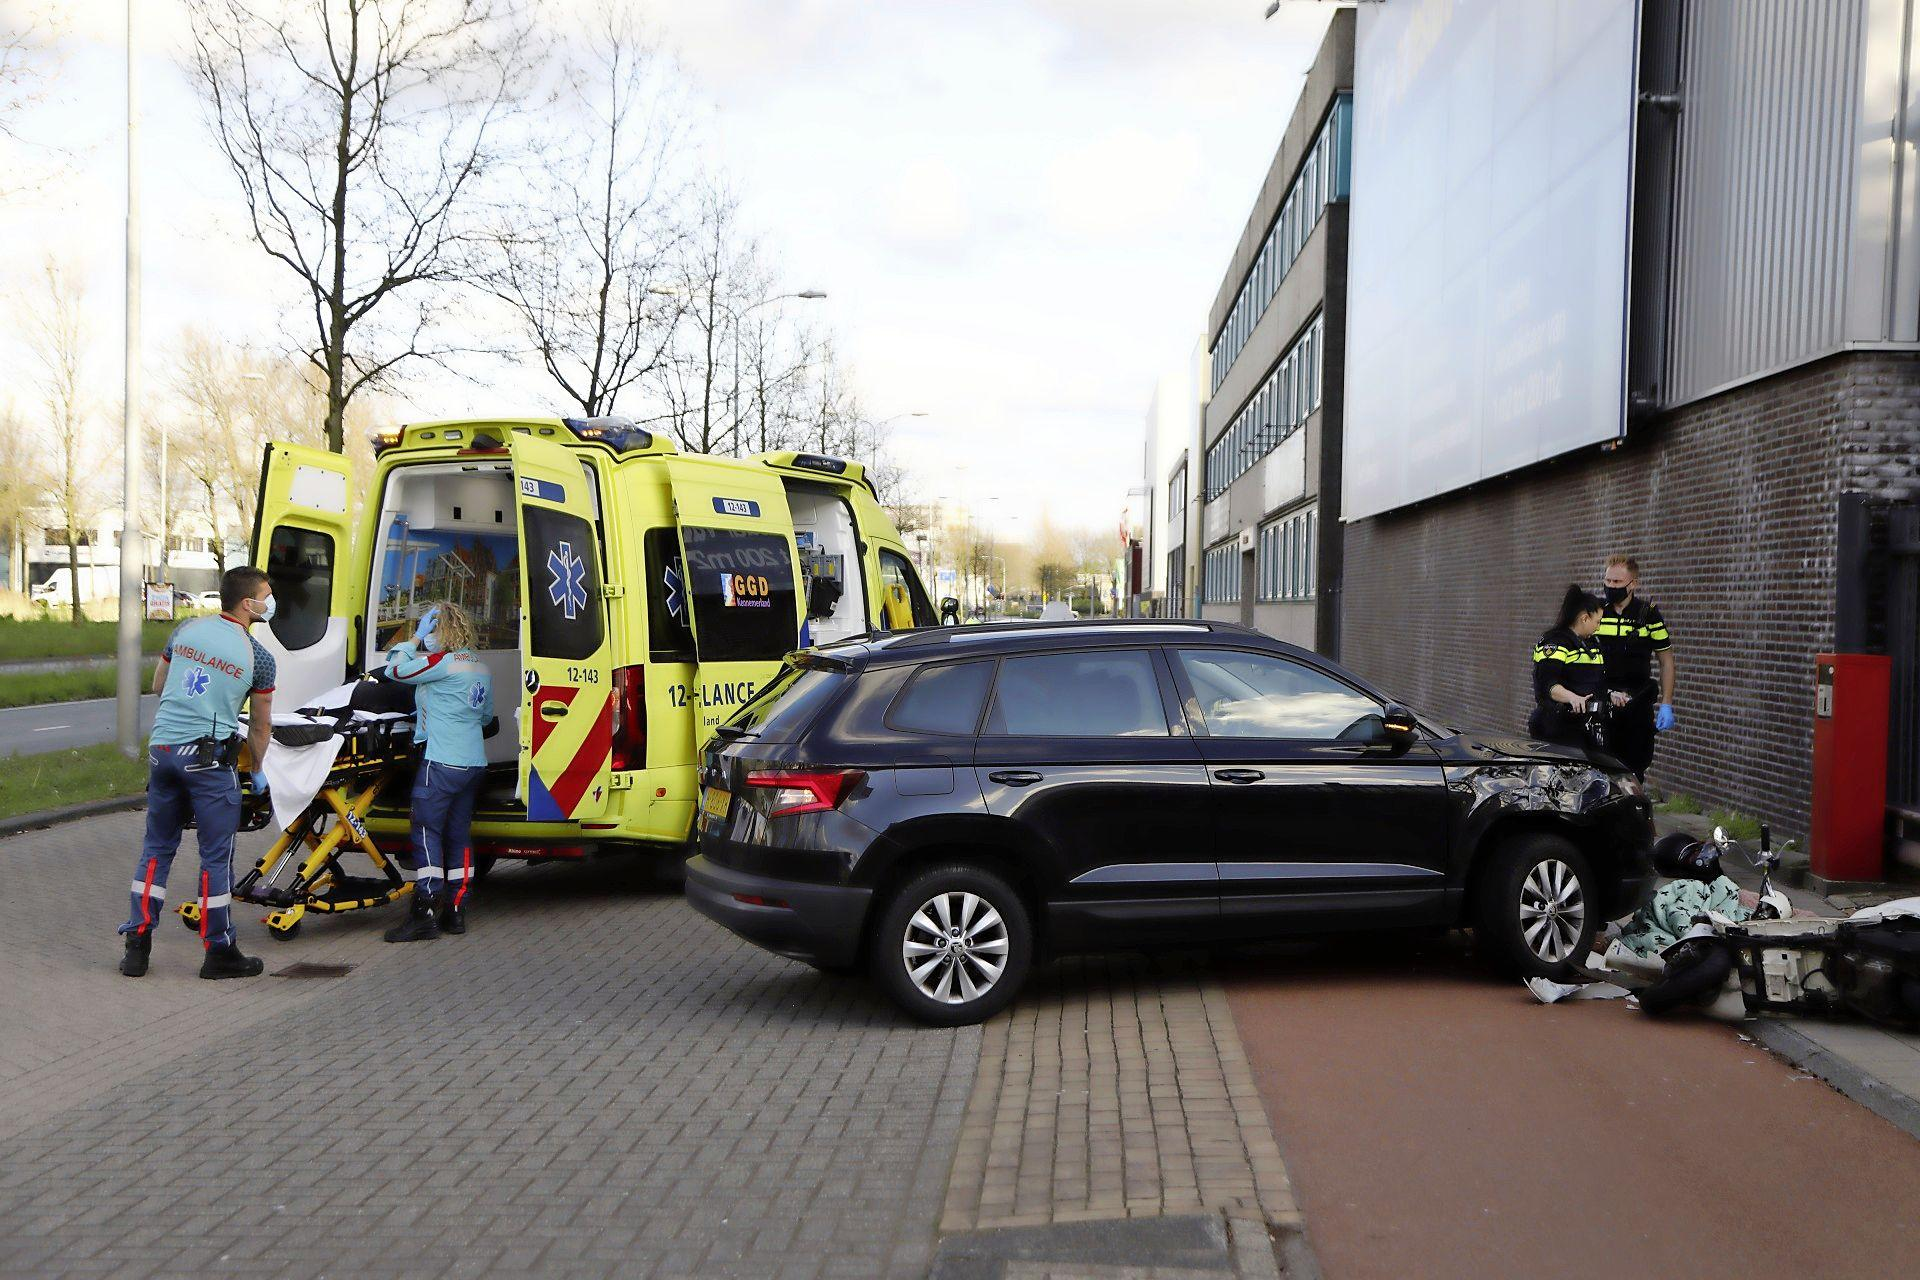 Scooterrijder gewond na aanrijding op de Waarderweg in Haarlem, één van de betrokkenen neemt na het ongeval de benen